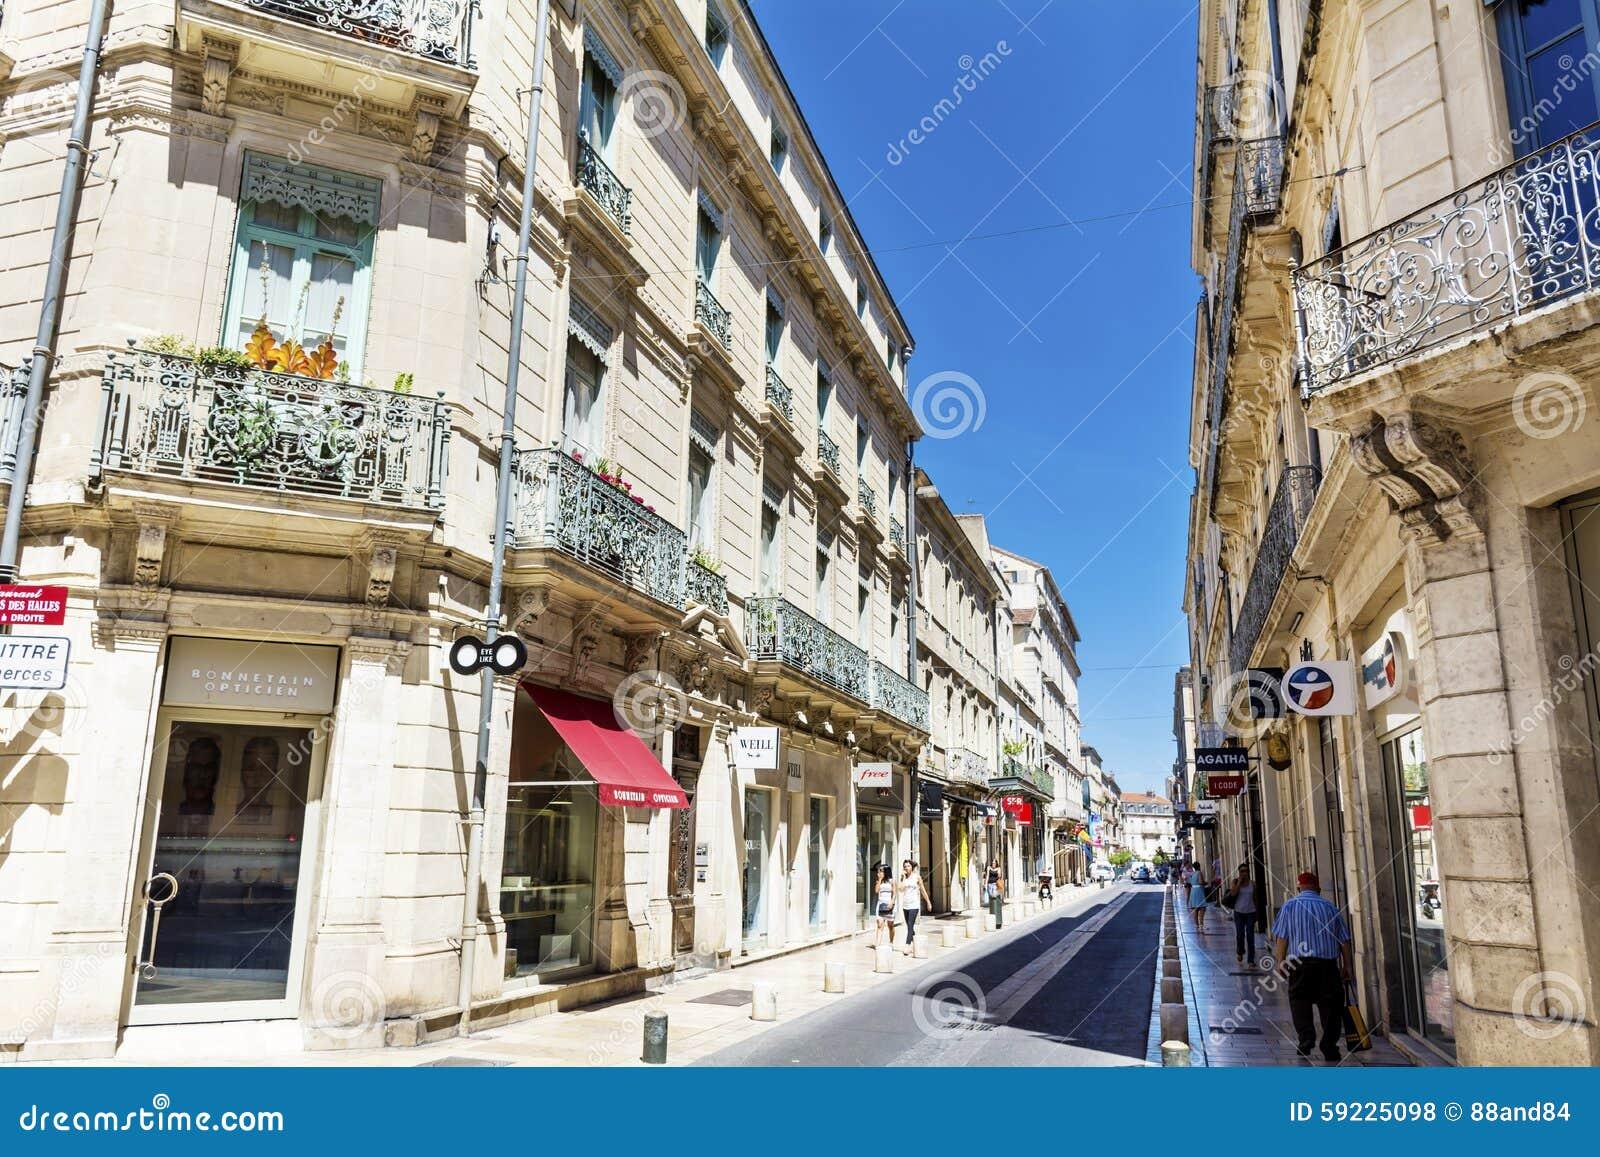 Download Calle en Verona, Italia foto de archivo editorial. Imagen de hotel - 59225098